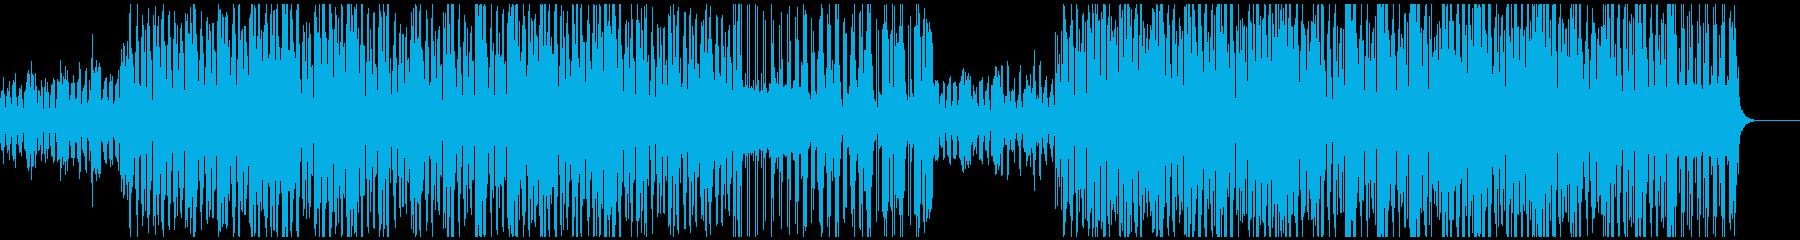 クセのあるコミカルな和風ほのぼのの再生済みの波形